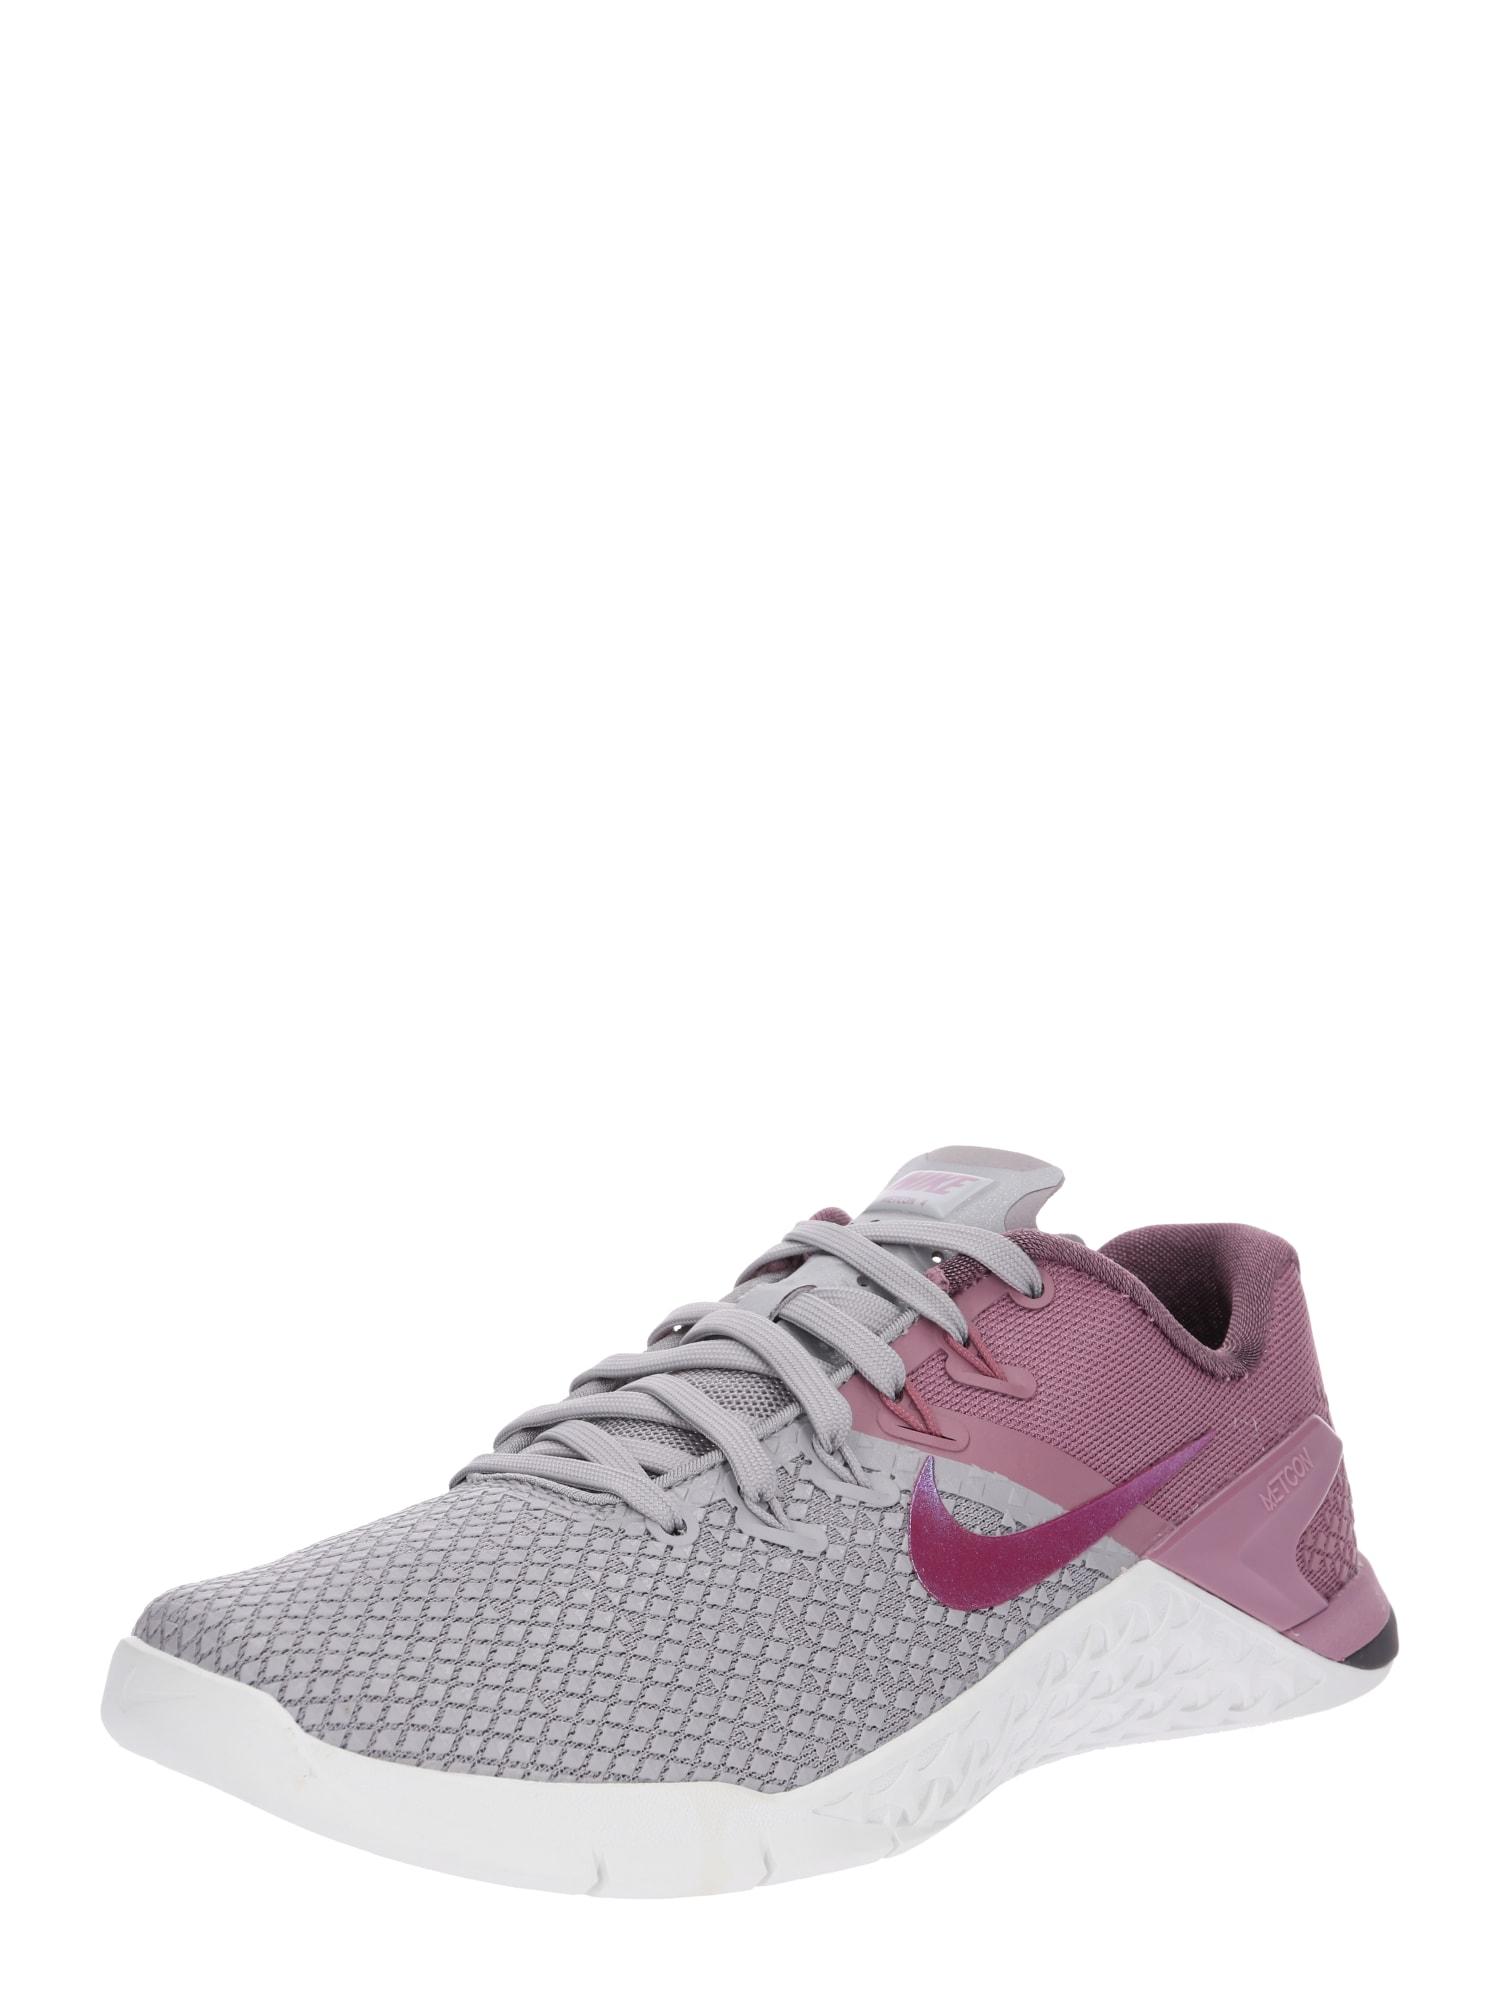 Sportovní boty WMNS METCON 4 XD šedá bobule NIKE